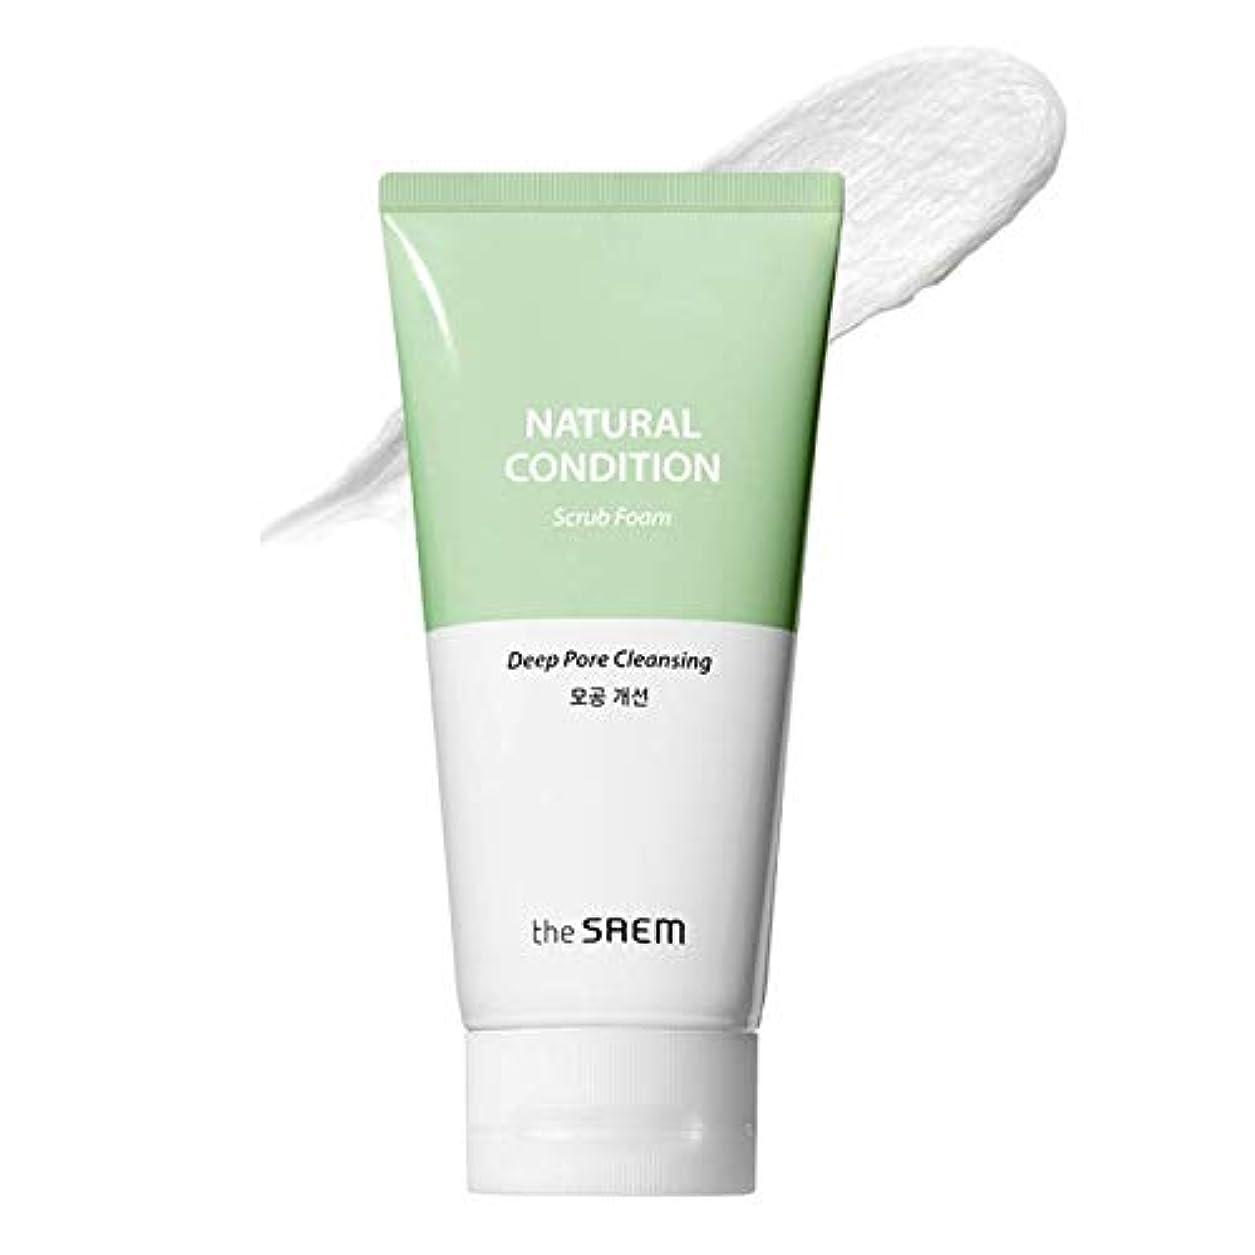 オプショナル警察署独立してThe Saem Natural Condition Scrub Foam [Deep pore cleansing] / ザセム ナチュラルコンディションスクラブフォーム[毛穴改善] [並行輸入品]